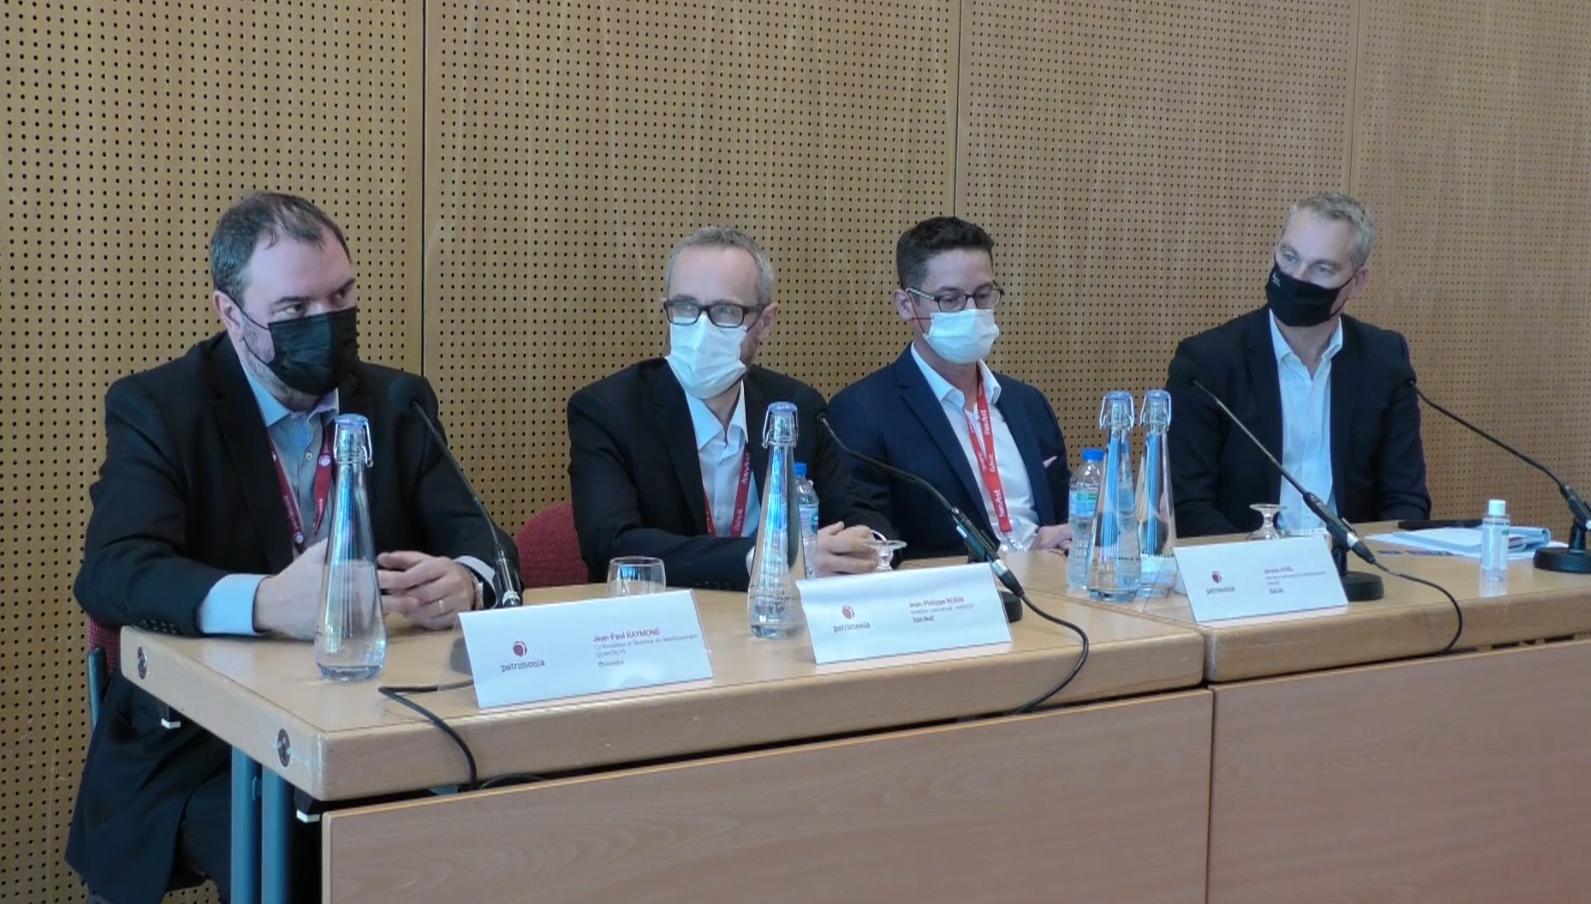 Photo lors du débat d'expert lors de Patrimonia 2021